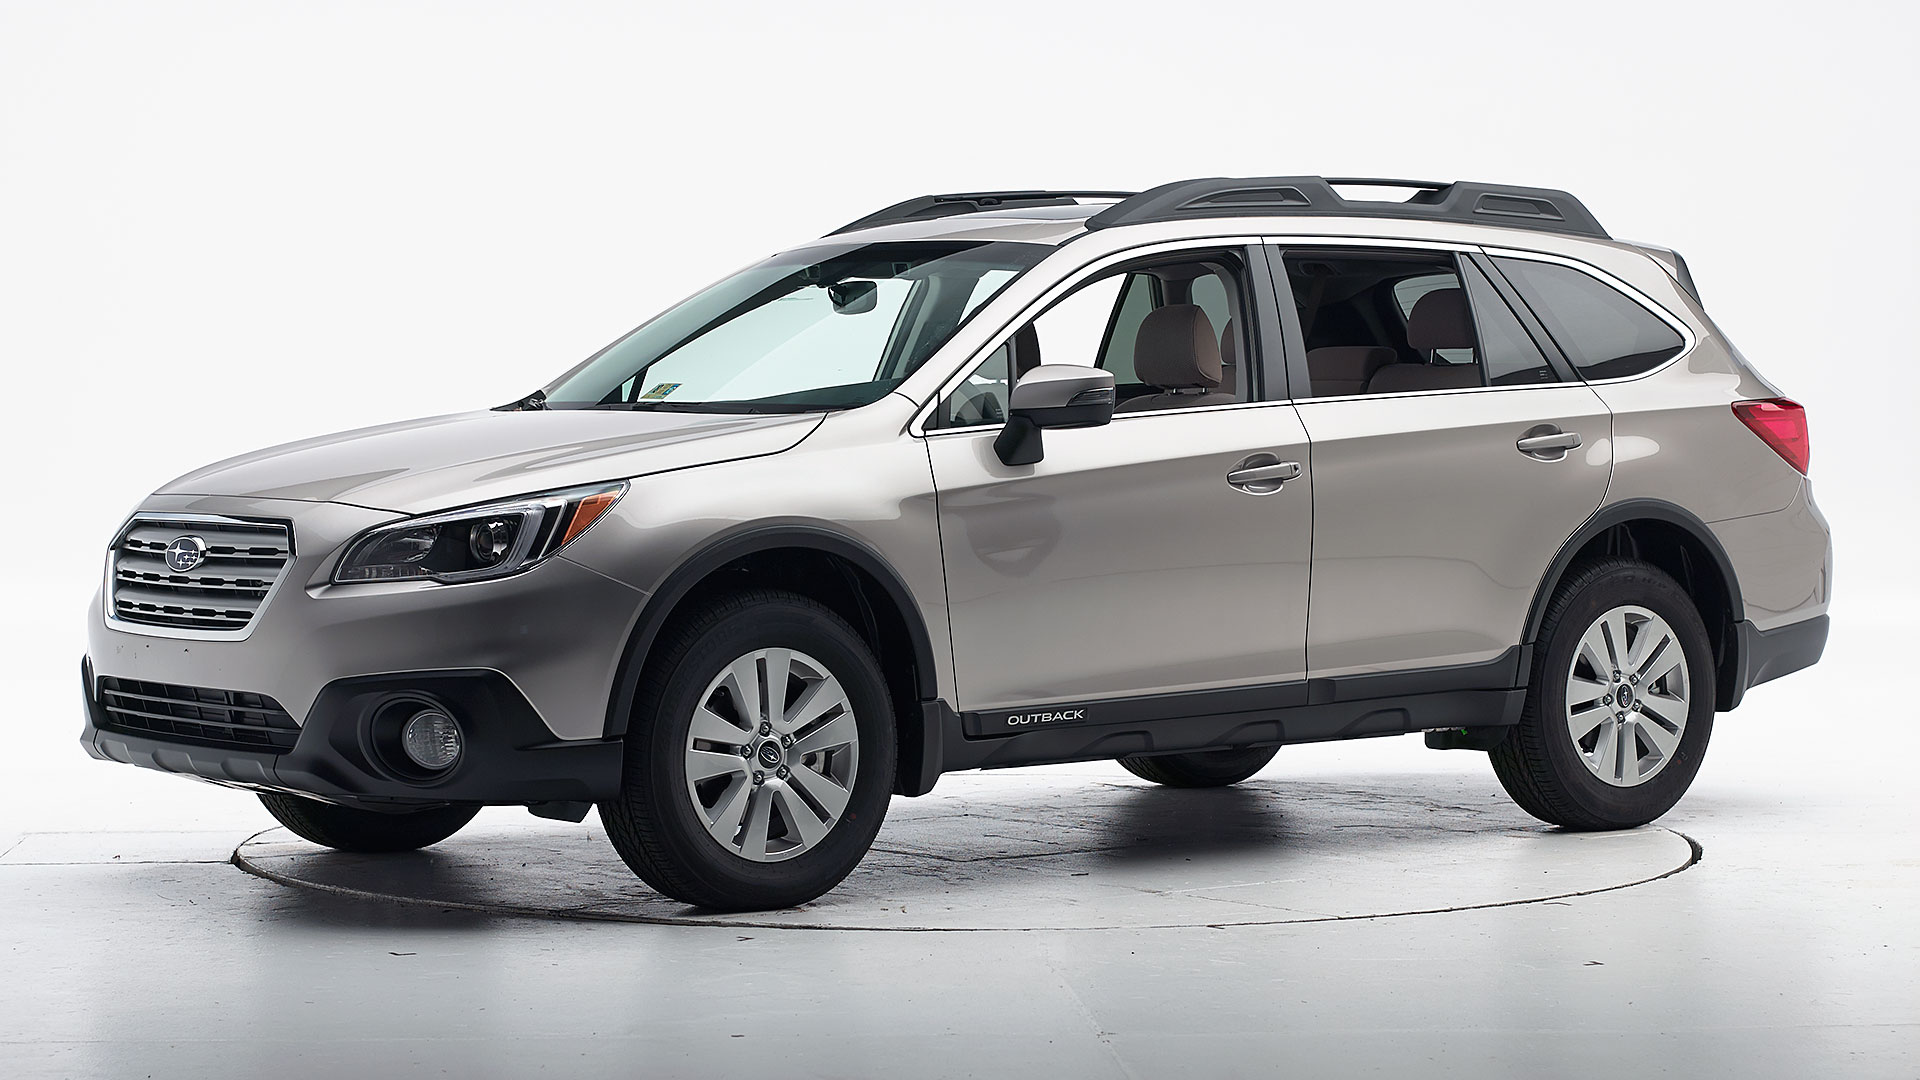 2015 Subaru Outback Crossover SUV Review | Autobytel.com |Small Subaru Outback